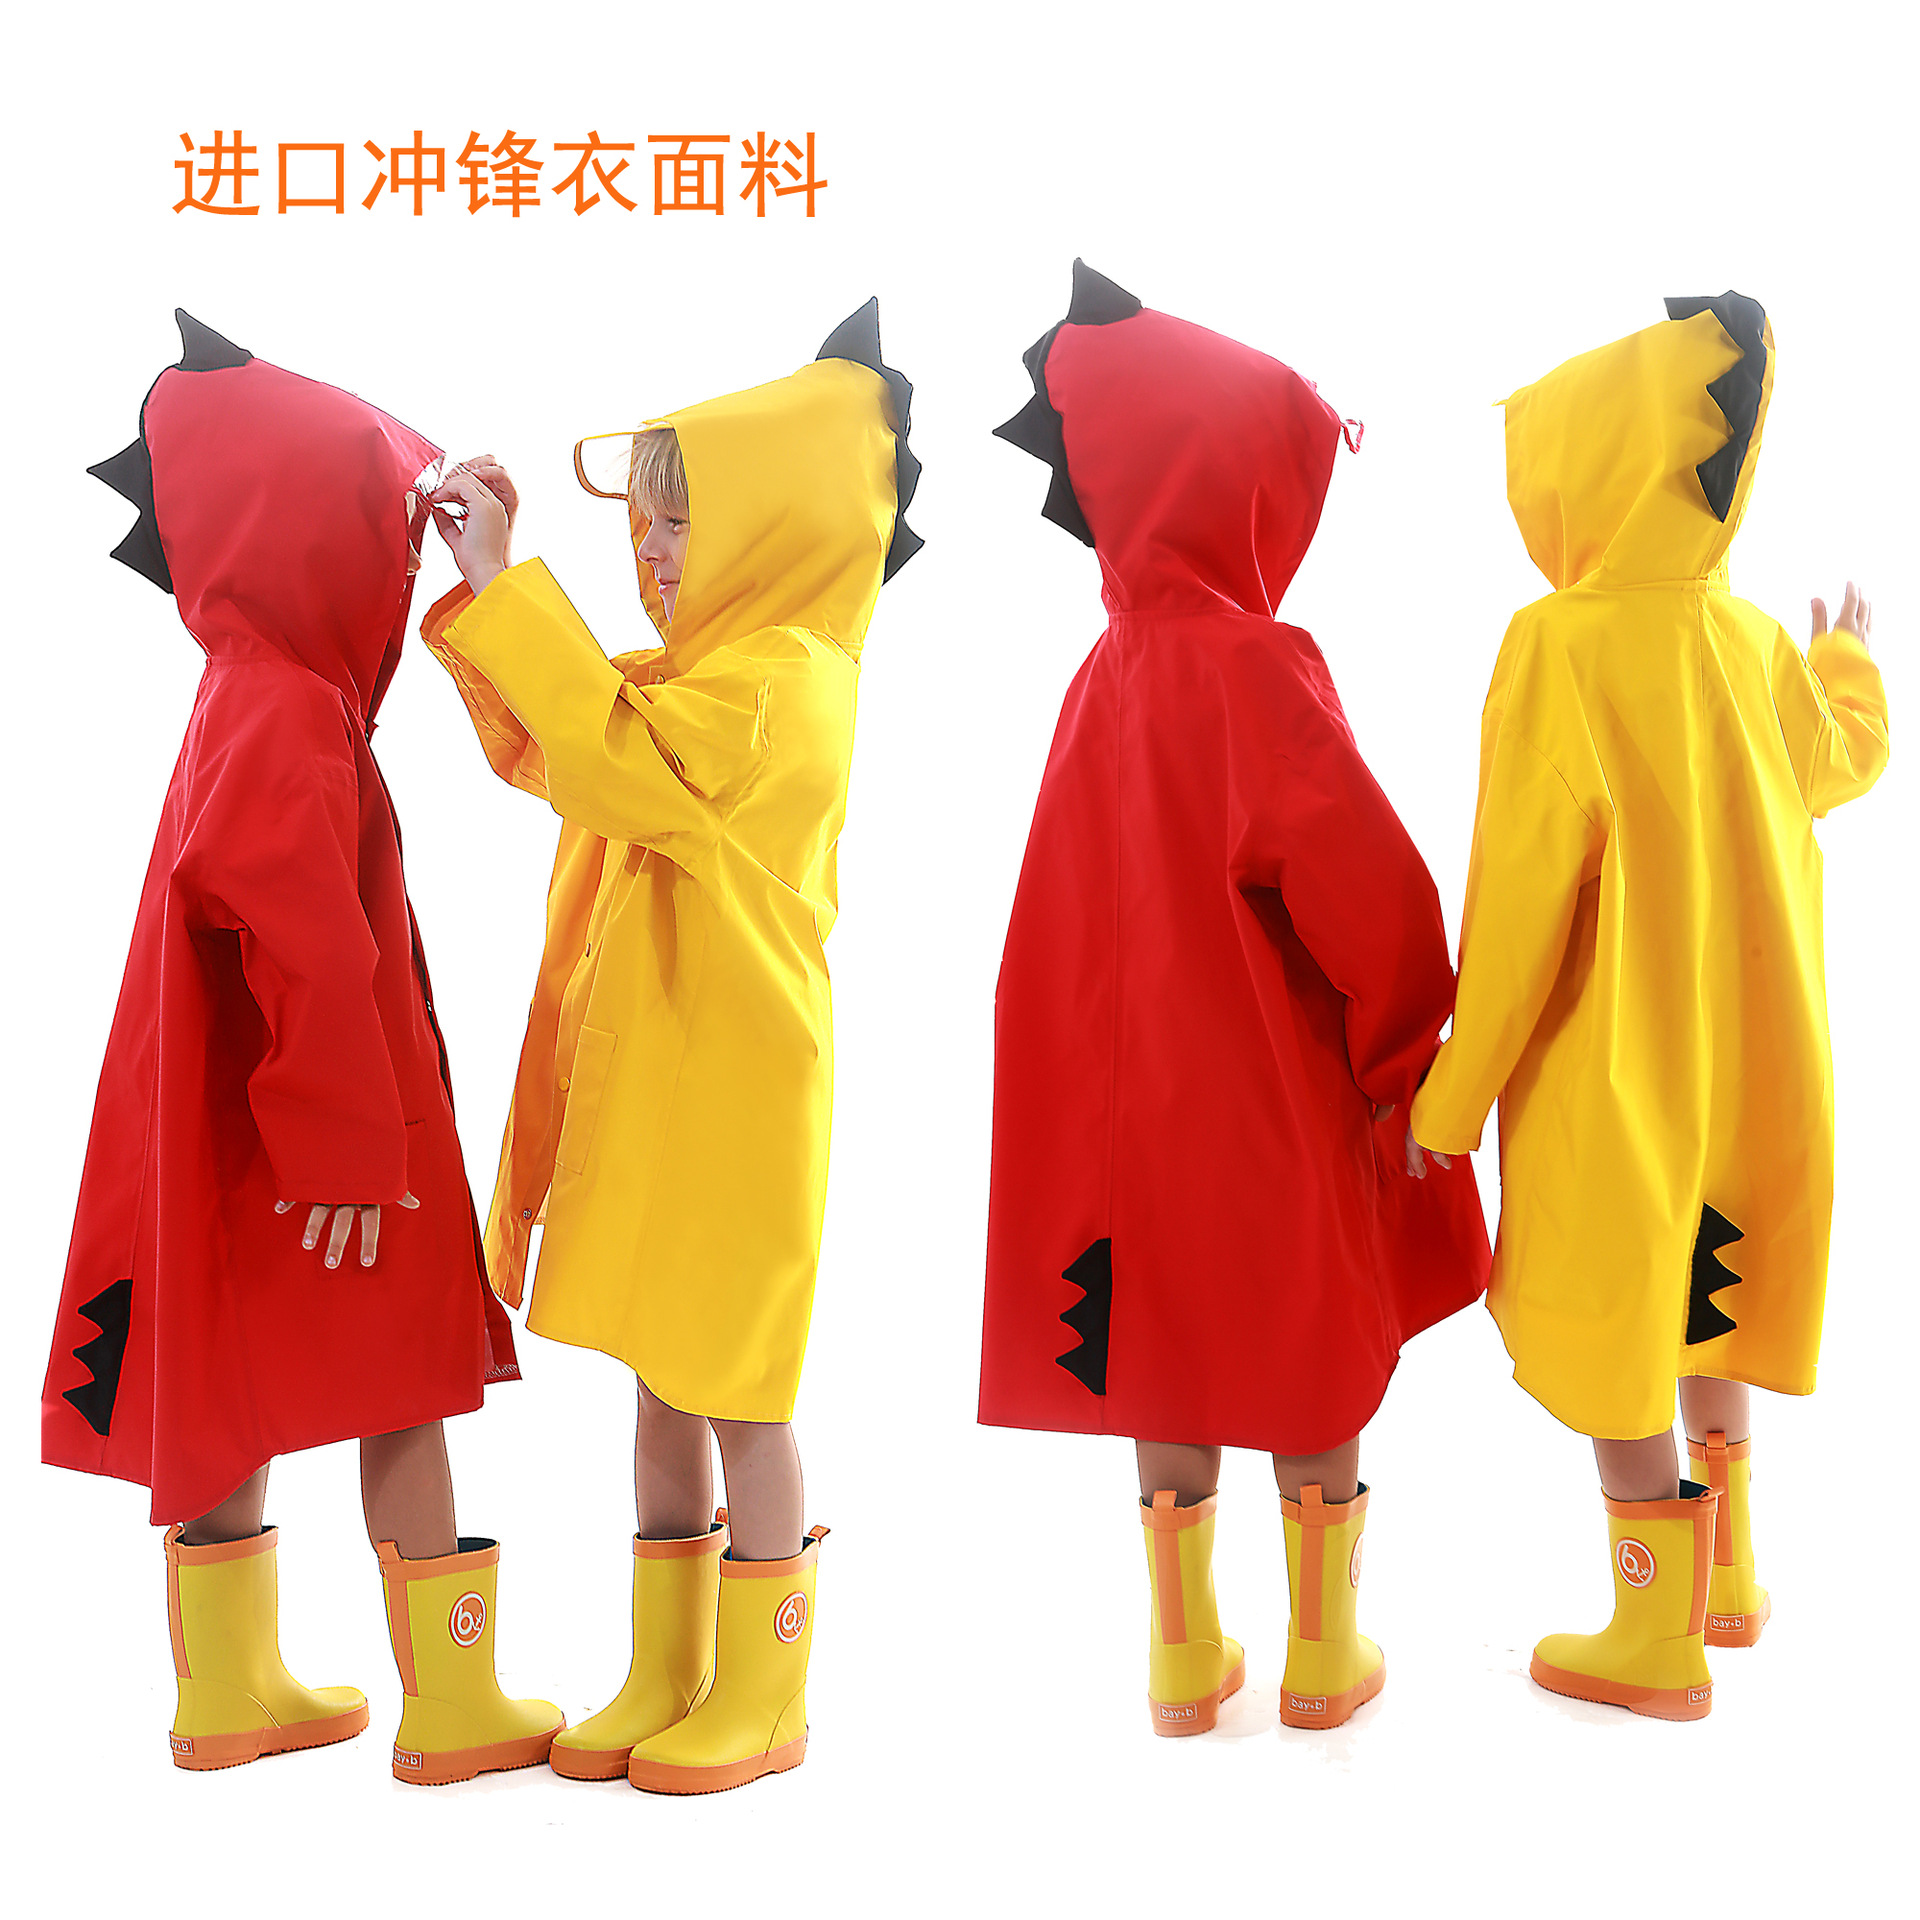 特價加厚款恐龍雨衣外套防水 衝鋒衣面料兒童雨衣雨披3D立體壓膠